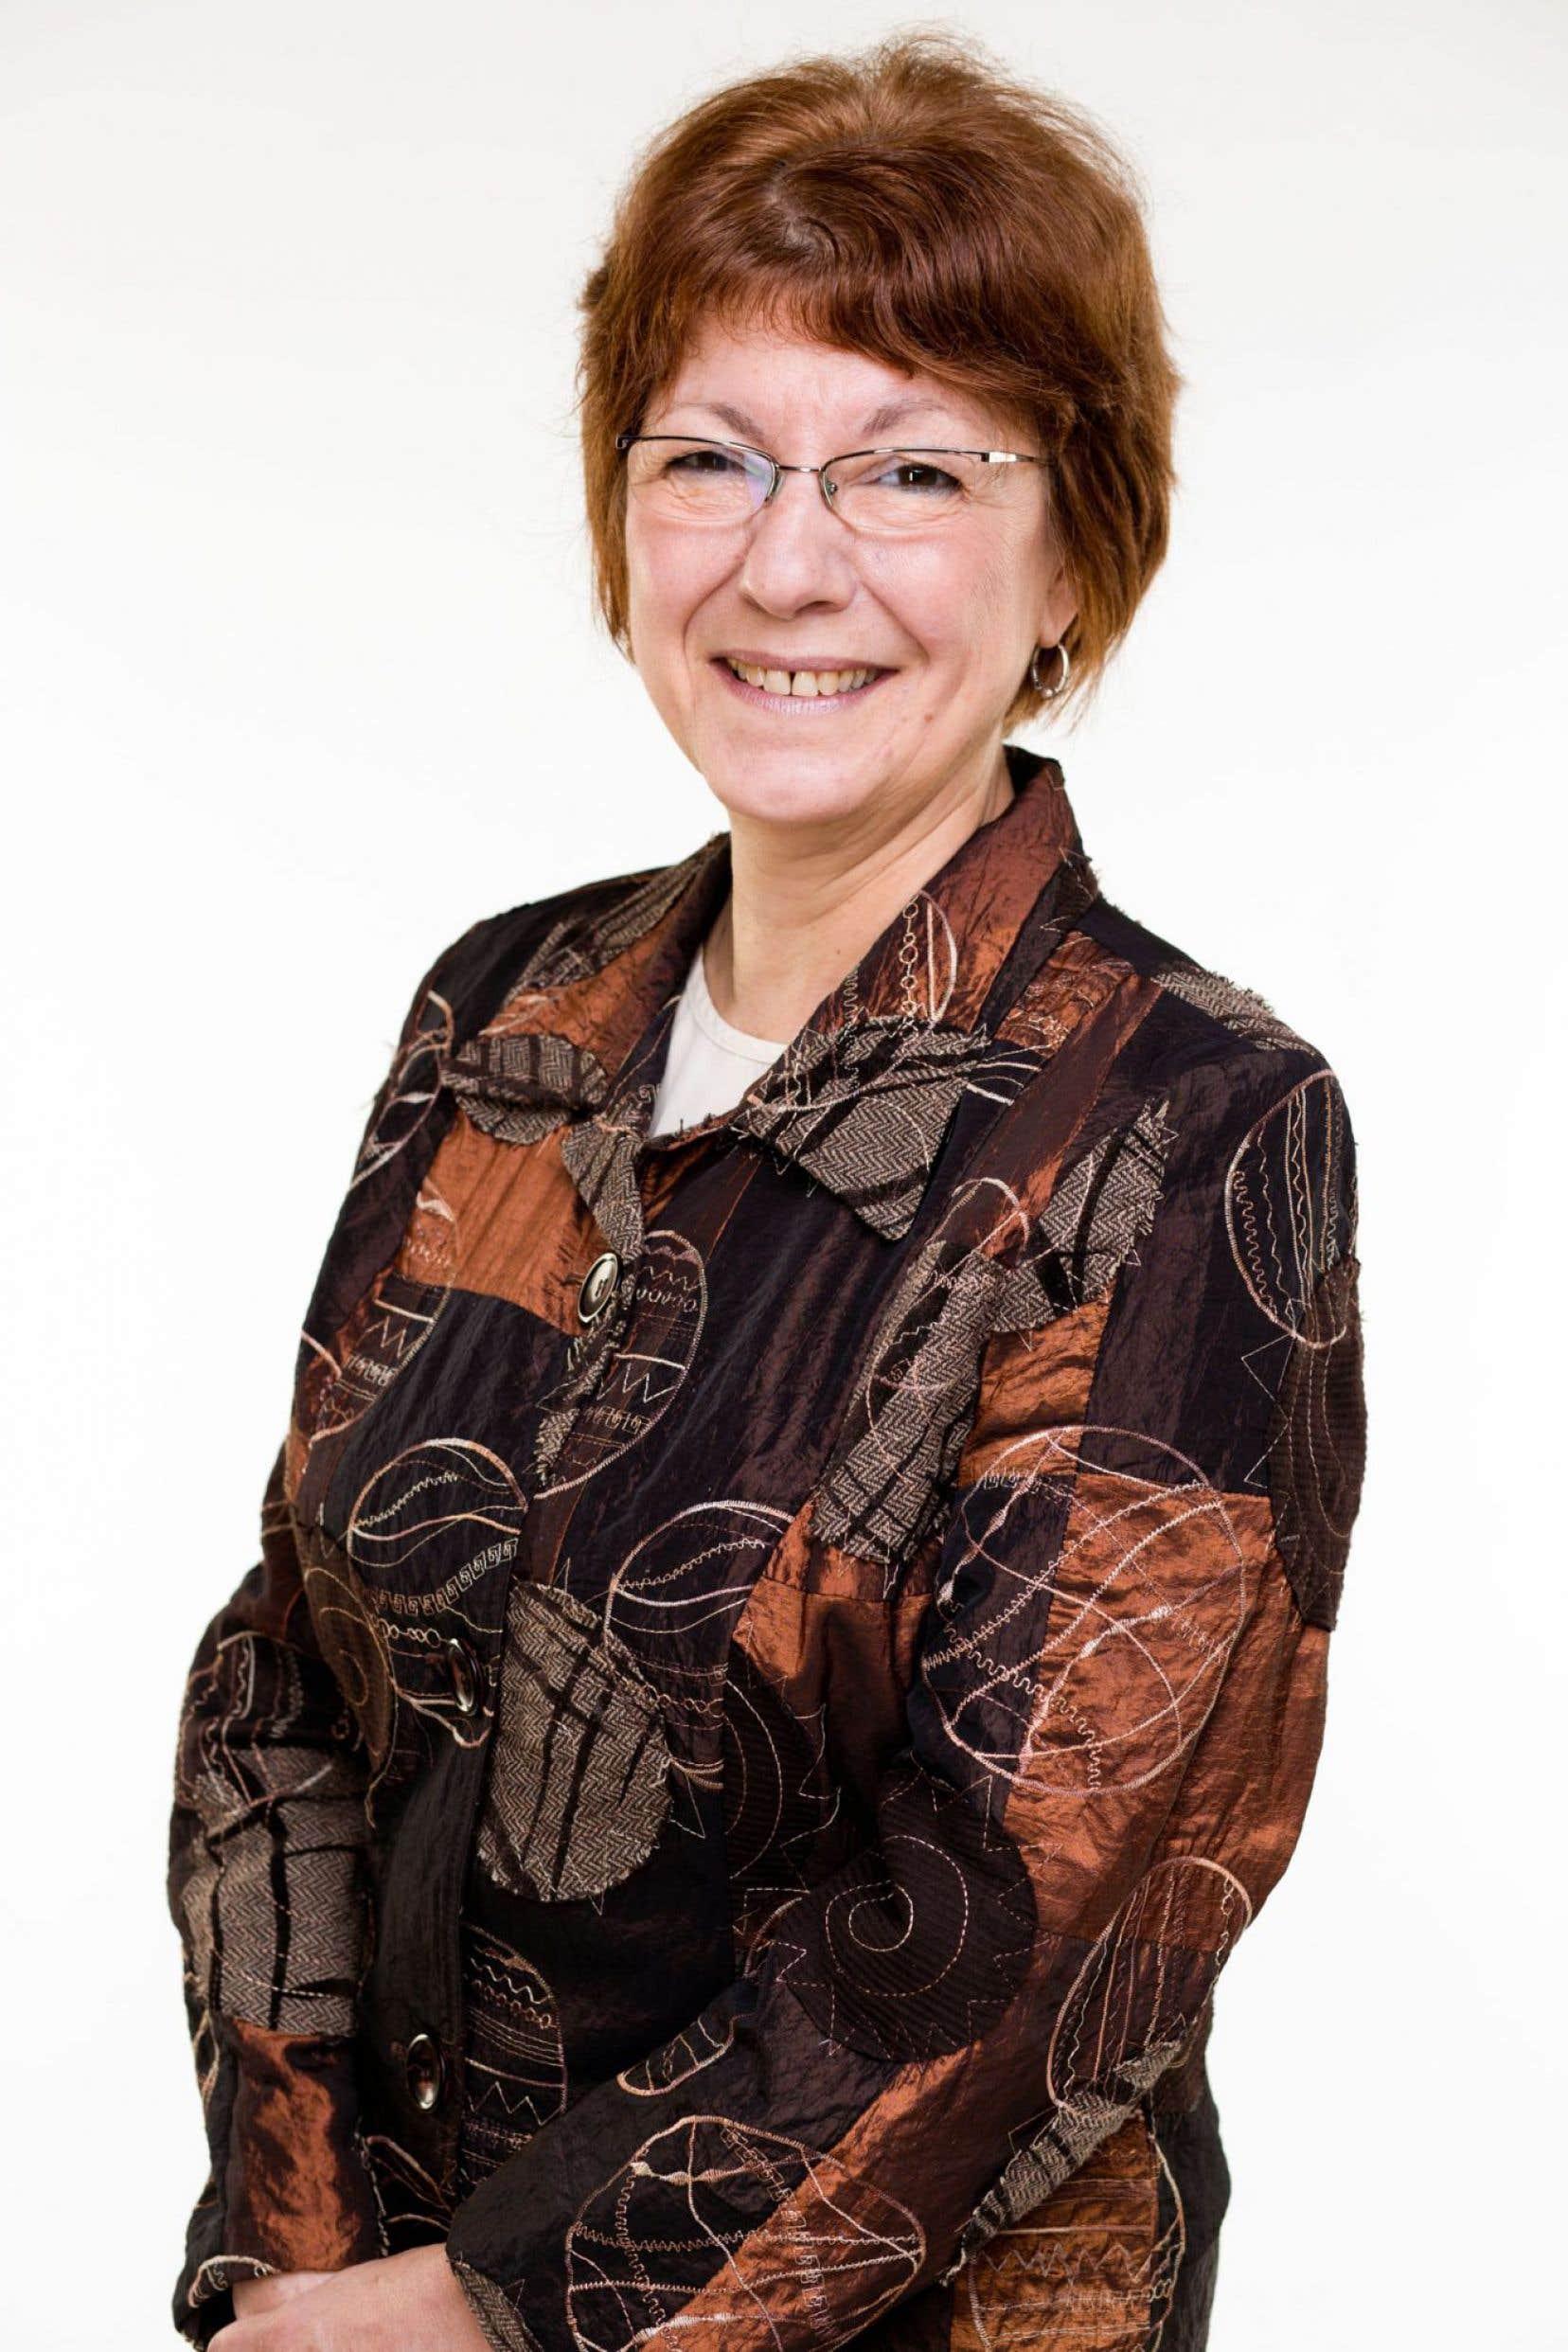 Louise Saint-Jacques